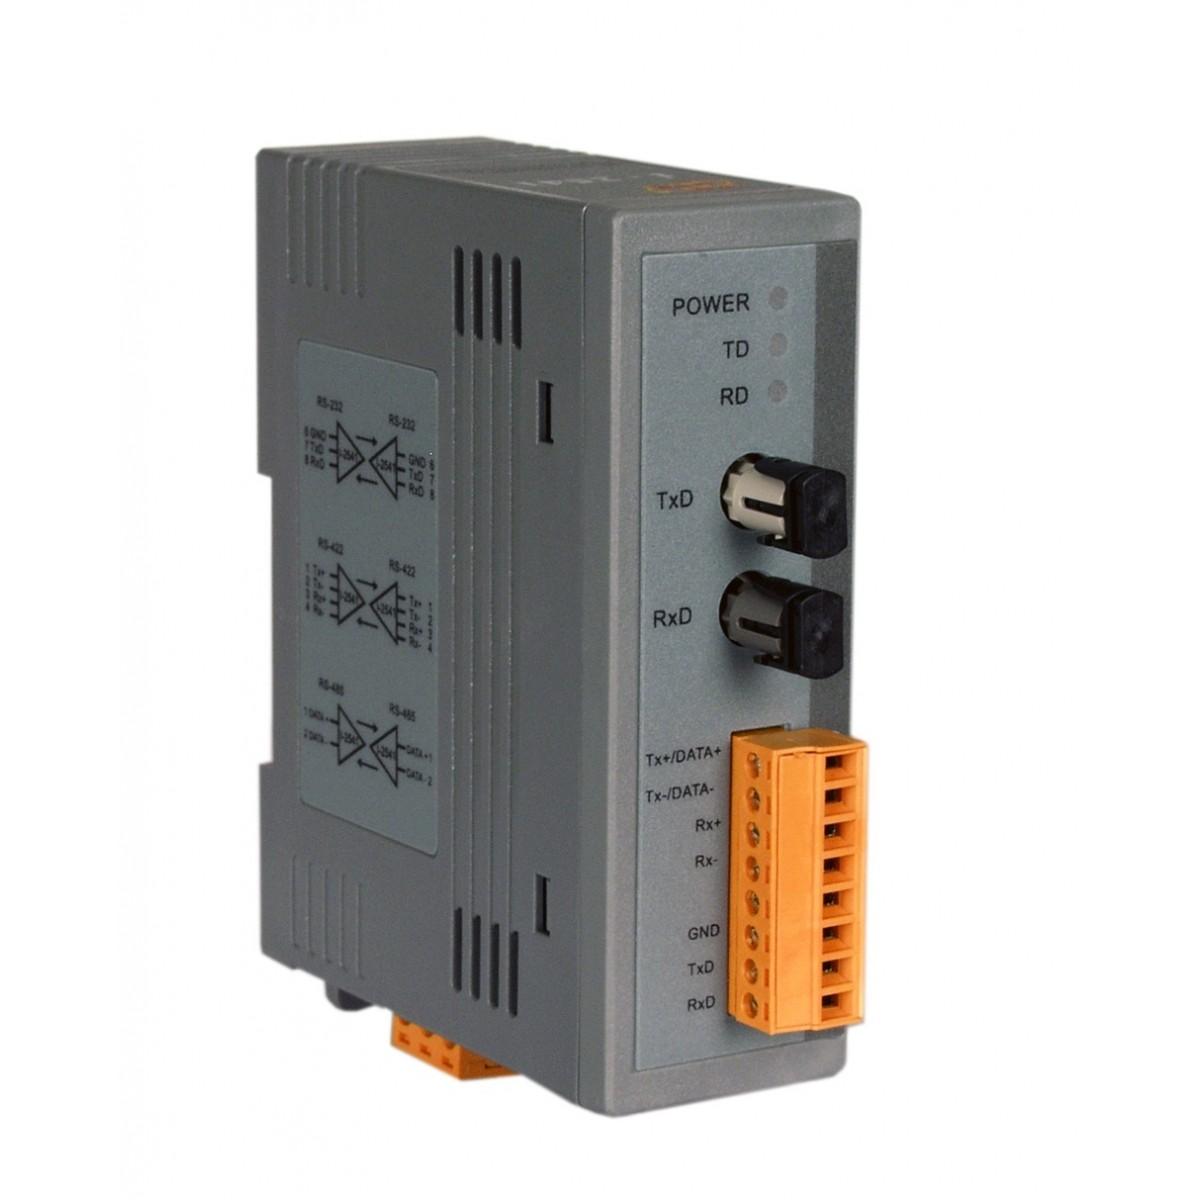 LR-2541 - Módulo Conversor Rs-232/422/485 Para Fibra Ótica Multimodo, ConectorSt